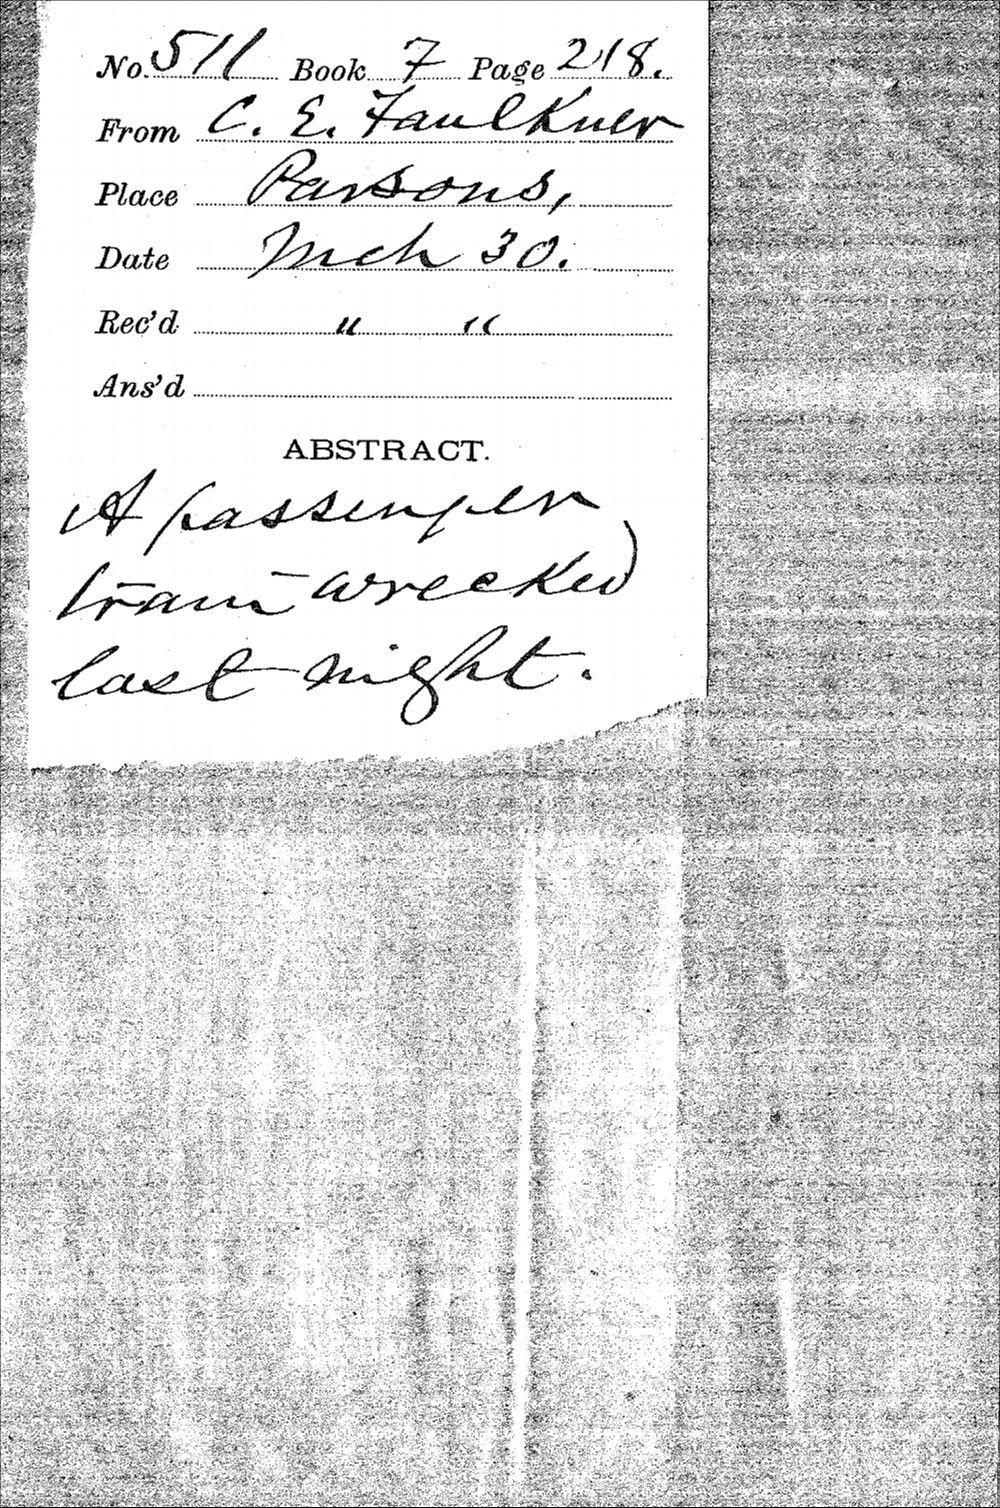 C.E. Faulkner to Governor John Martin - 2